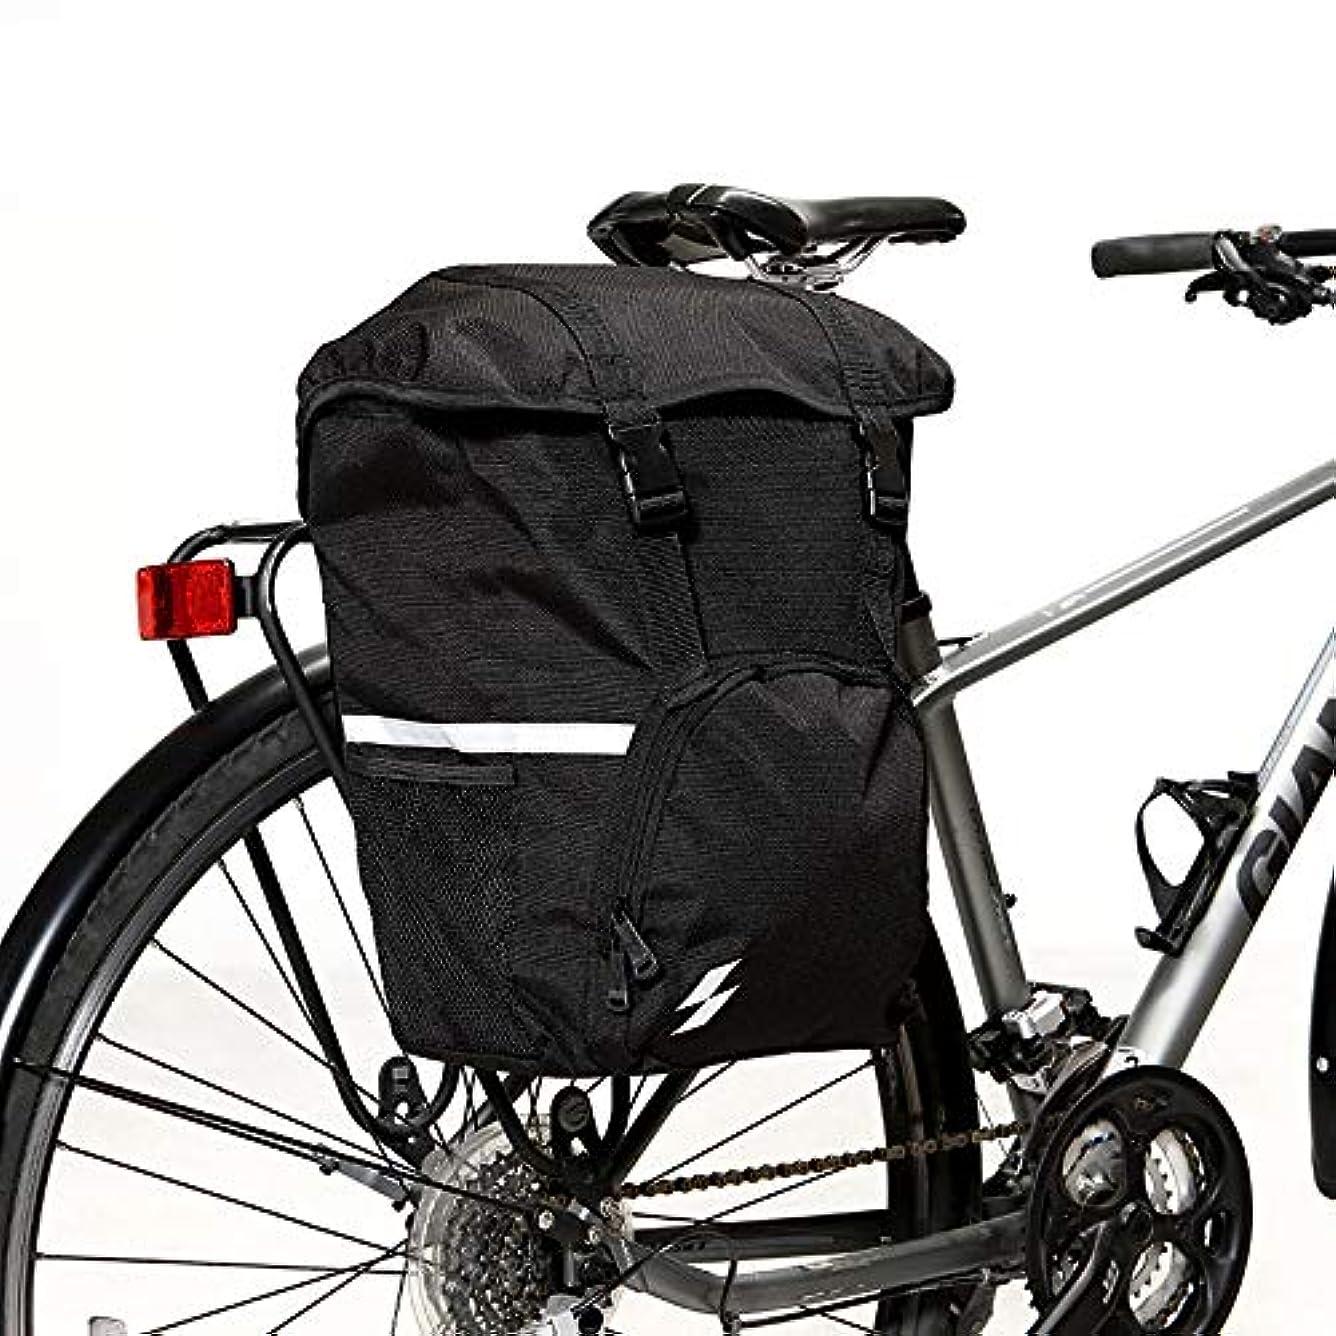 しなやか群衆警告する自転車フレームバッグ バイクリアシートバッグ、屋外バイク自転車サイクリングMTBリアパネルパニエショルダーバッグリアシートトランクサドルシングルサイドバッグ 防水電話ホルダー